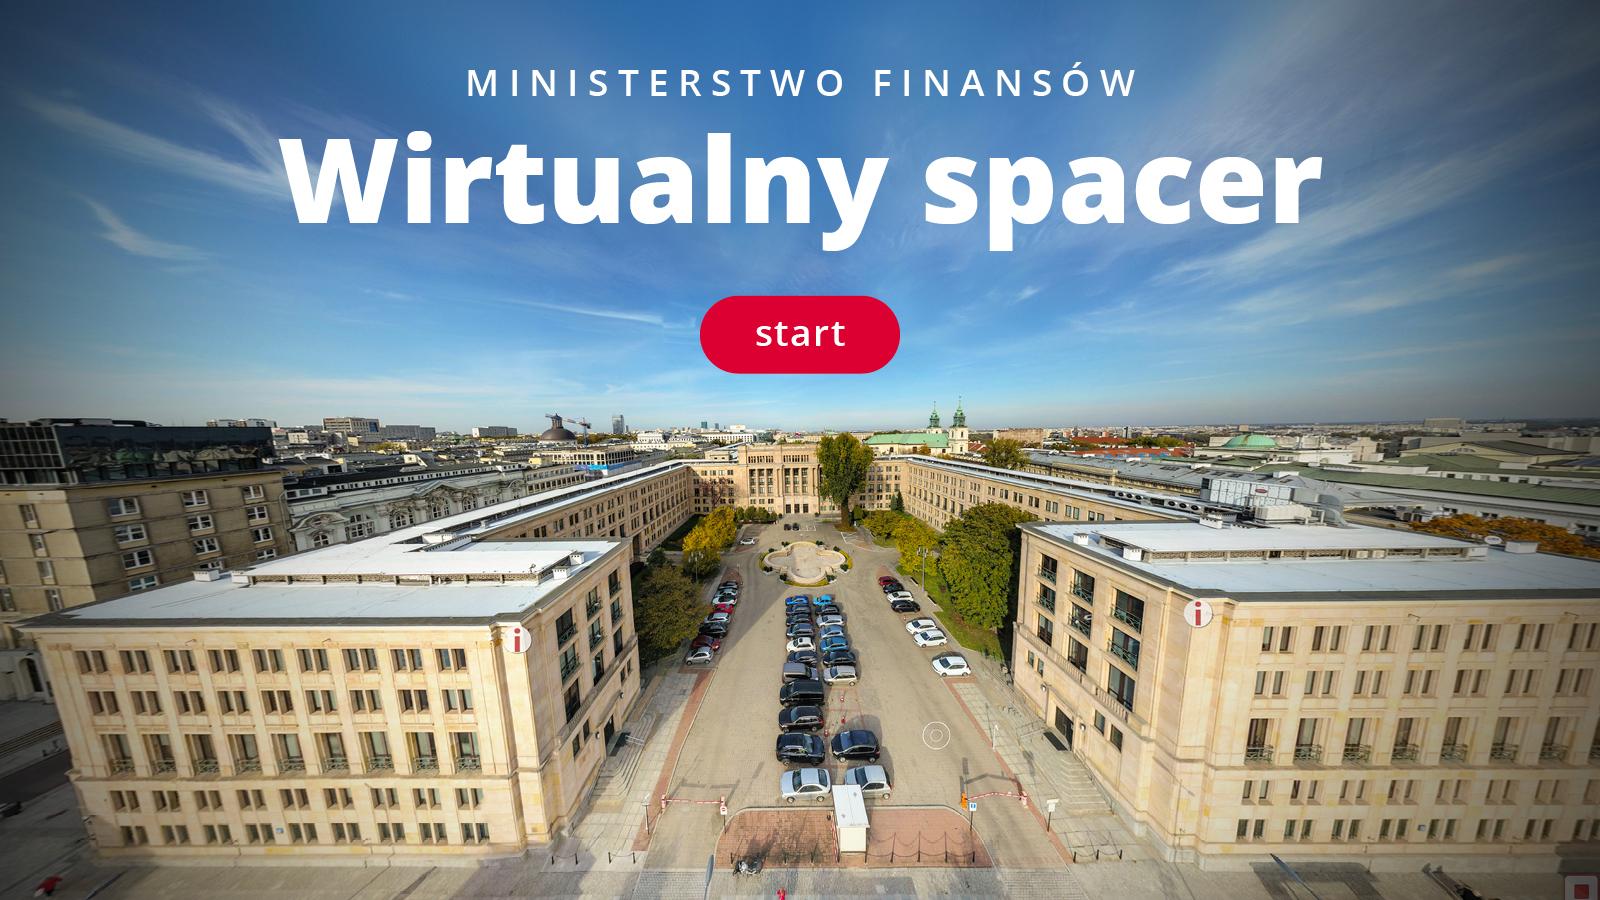 Wirtualny spacer po Ministerstwie Finansów